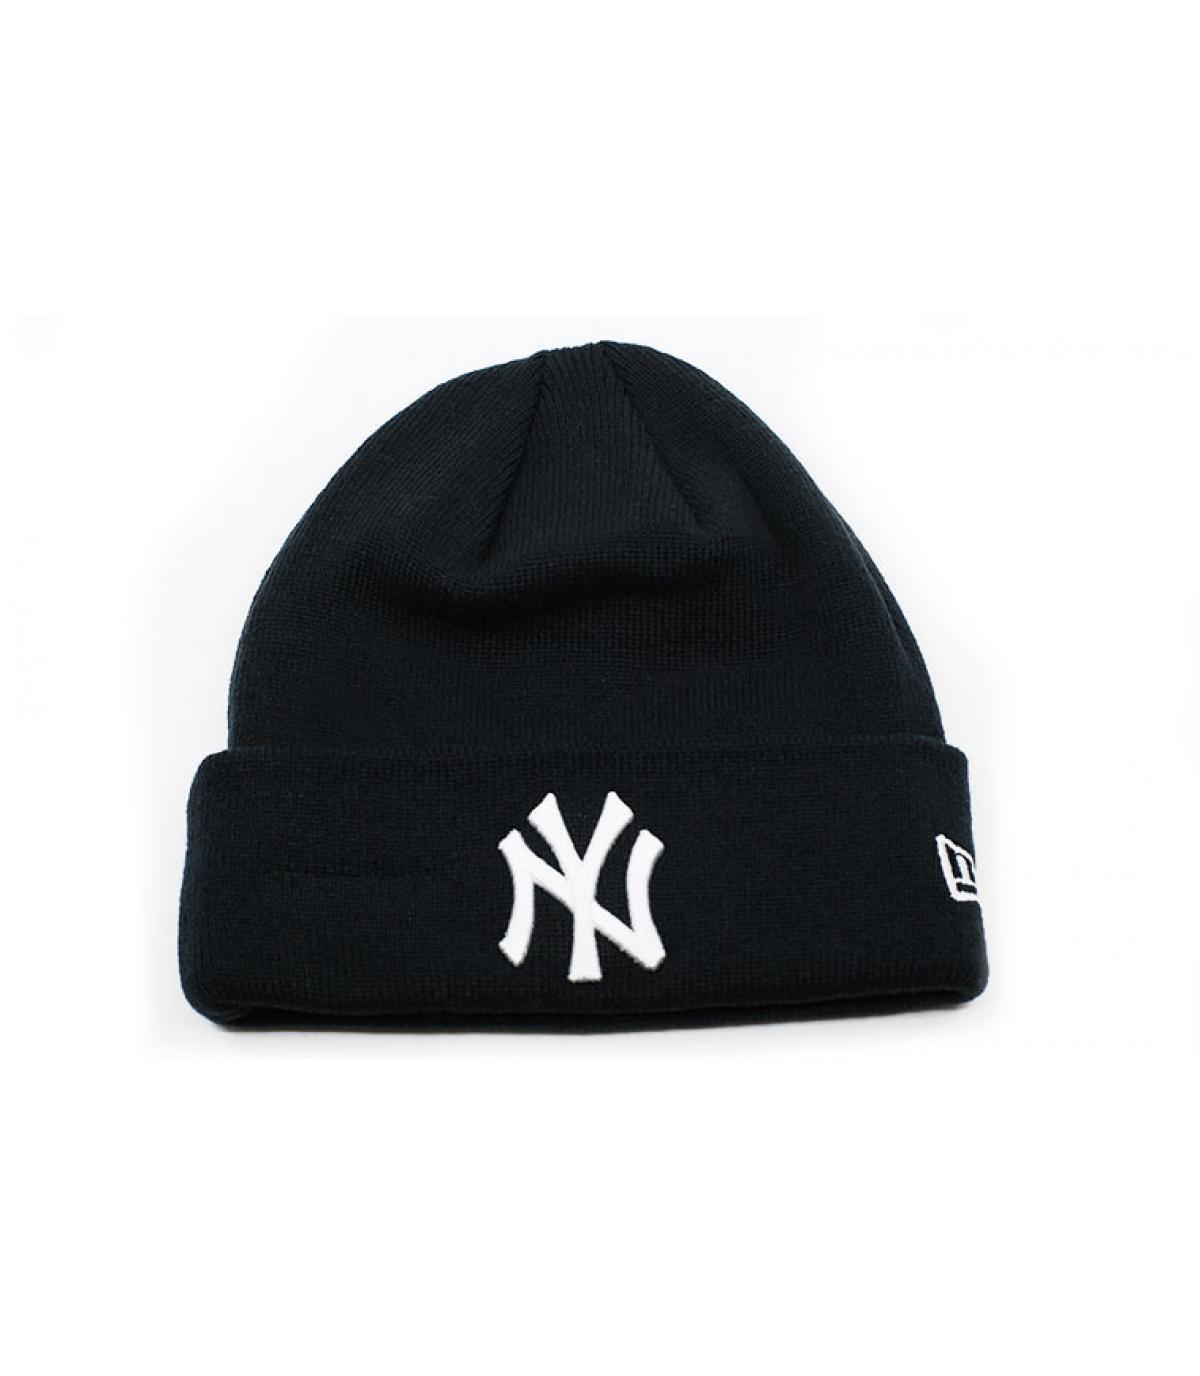 Détails Bonnet MLB Essential Cuff NY team - image 2